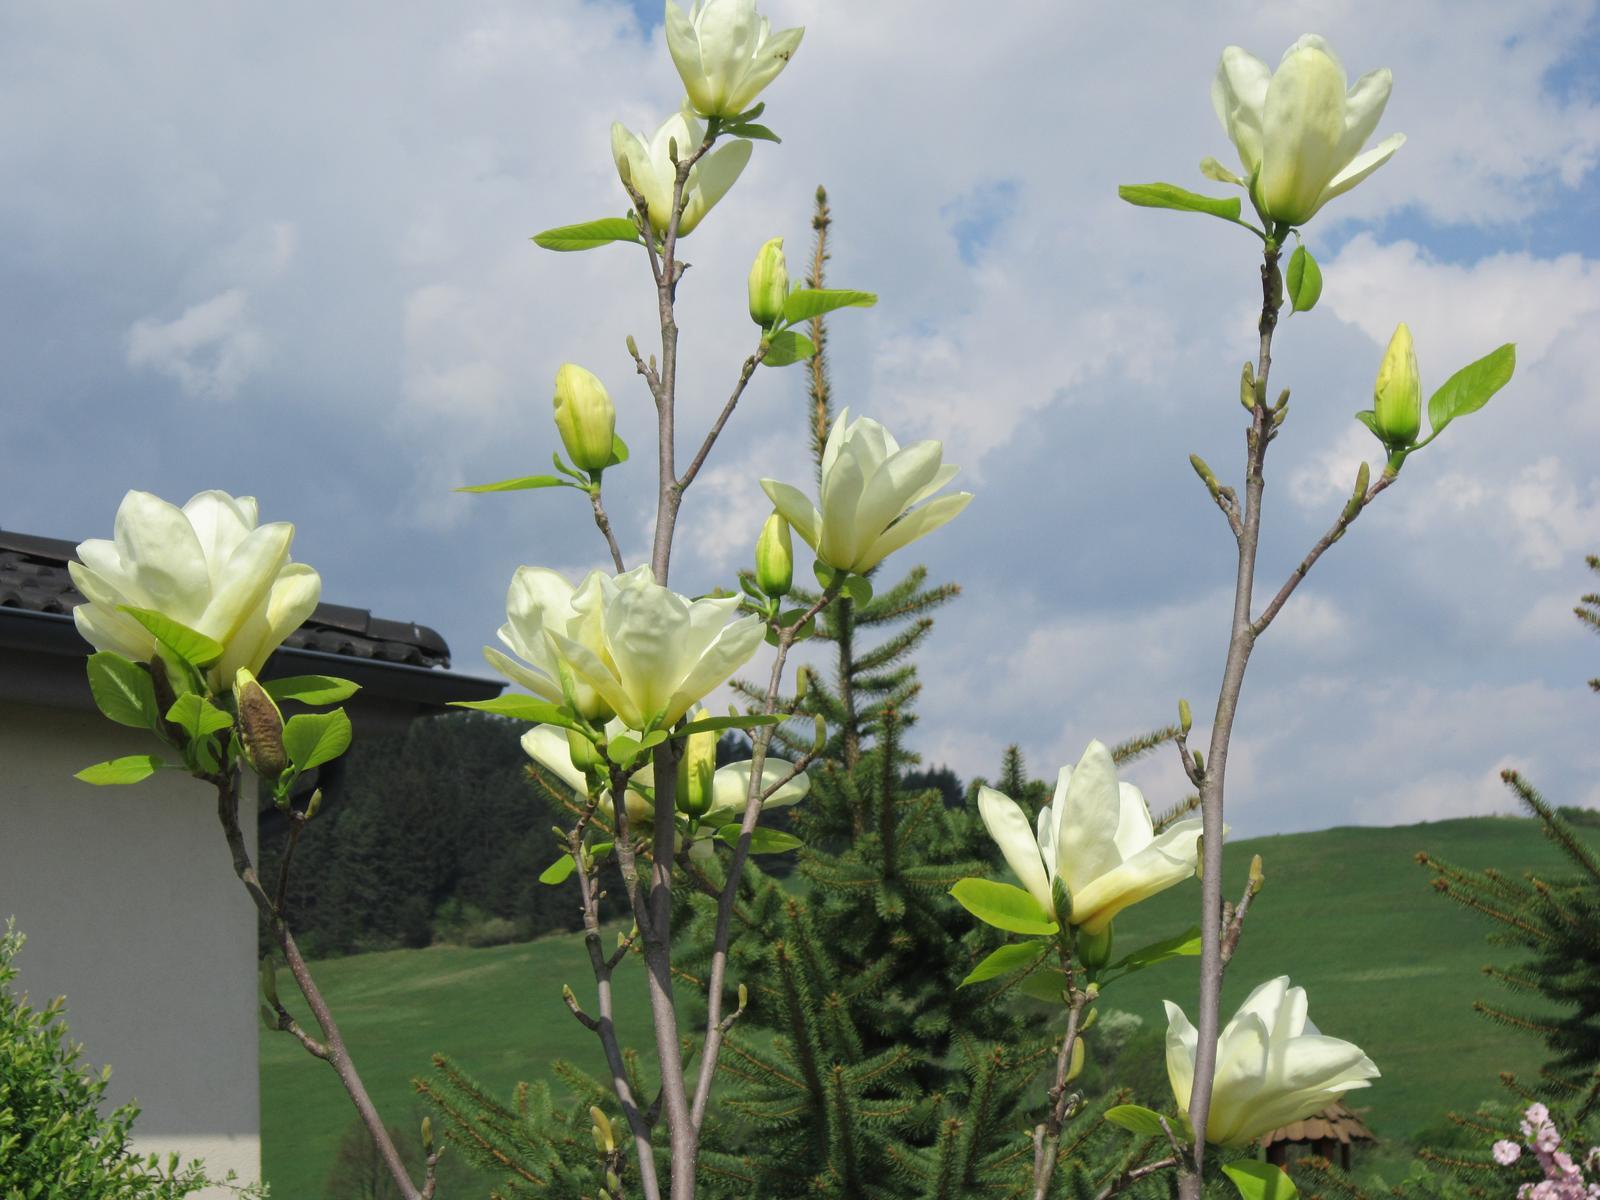 Pozvanie do našej jarnej záhrady - Žltá magnólia ma tento rok potešila nádhernými kvetmi...